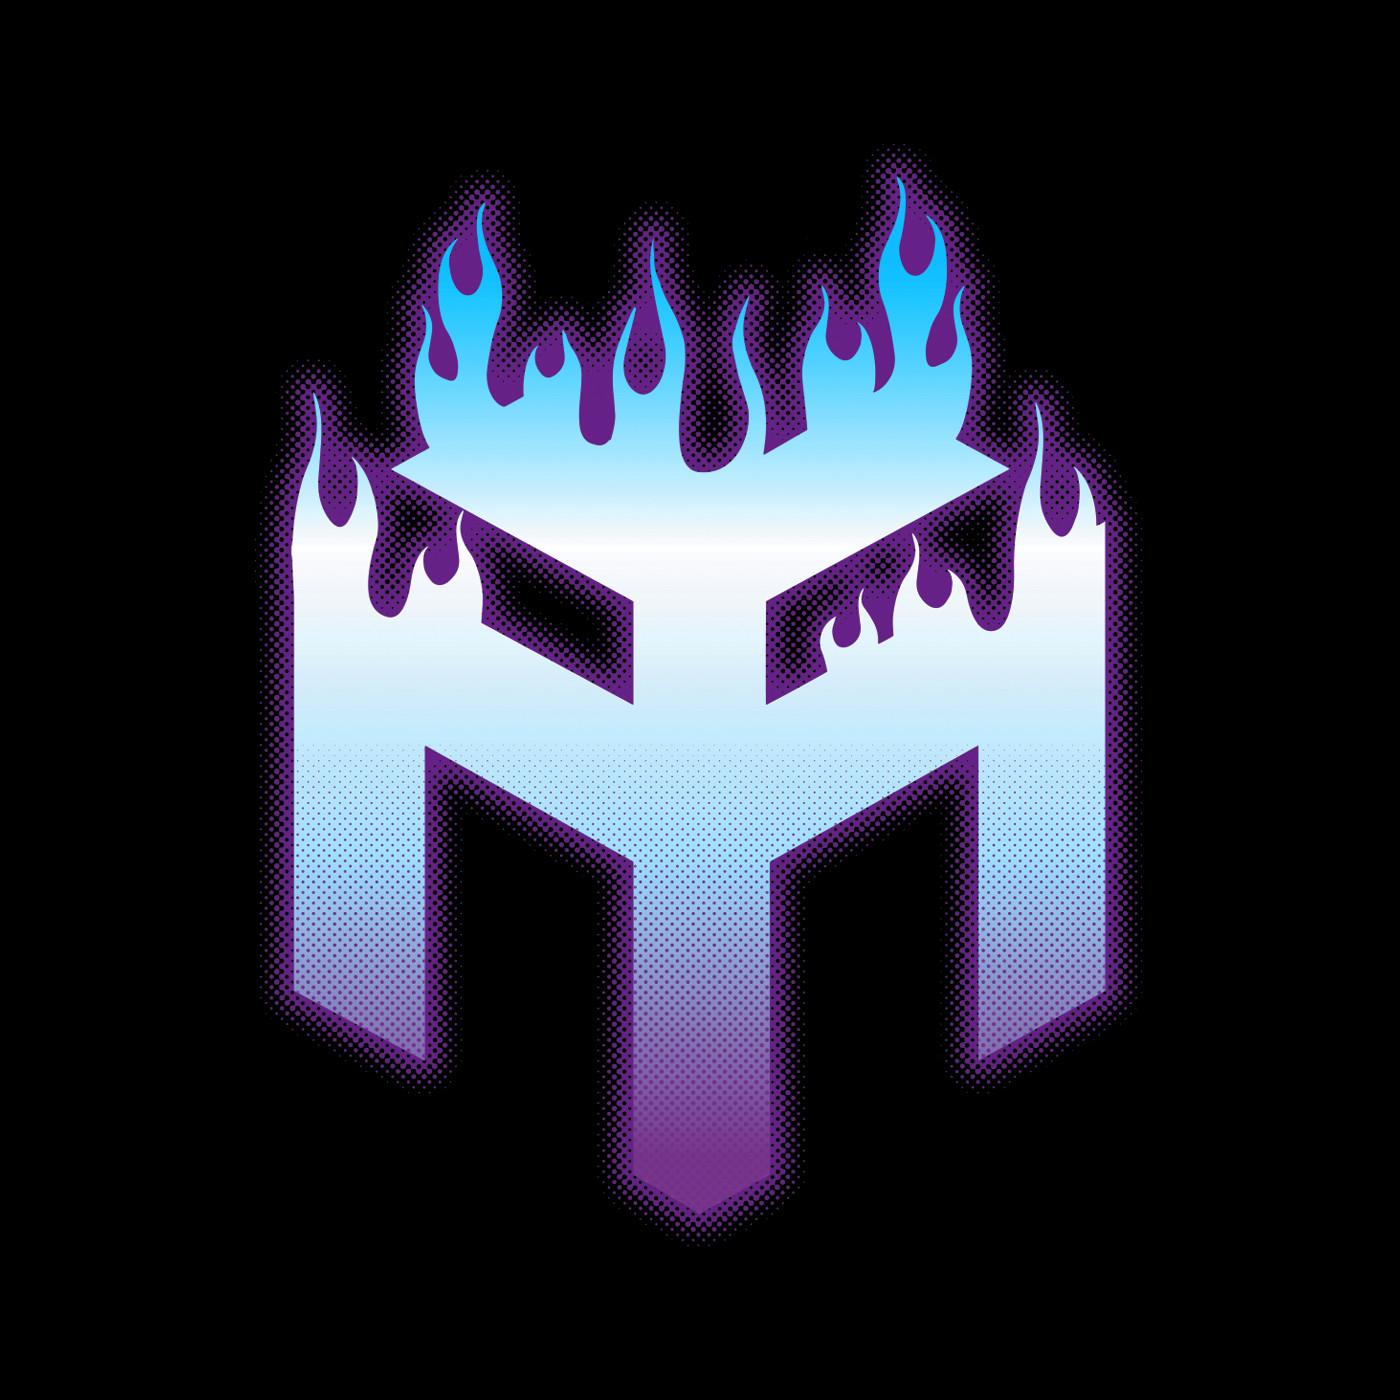 https://cdna.artstation.com/p/assets/images/images/006/293/248/large/roger-kenerly-ii-ym-purple-flame-logo.jpg?1497462727